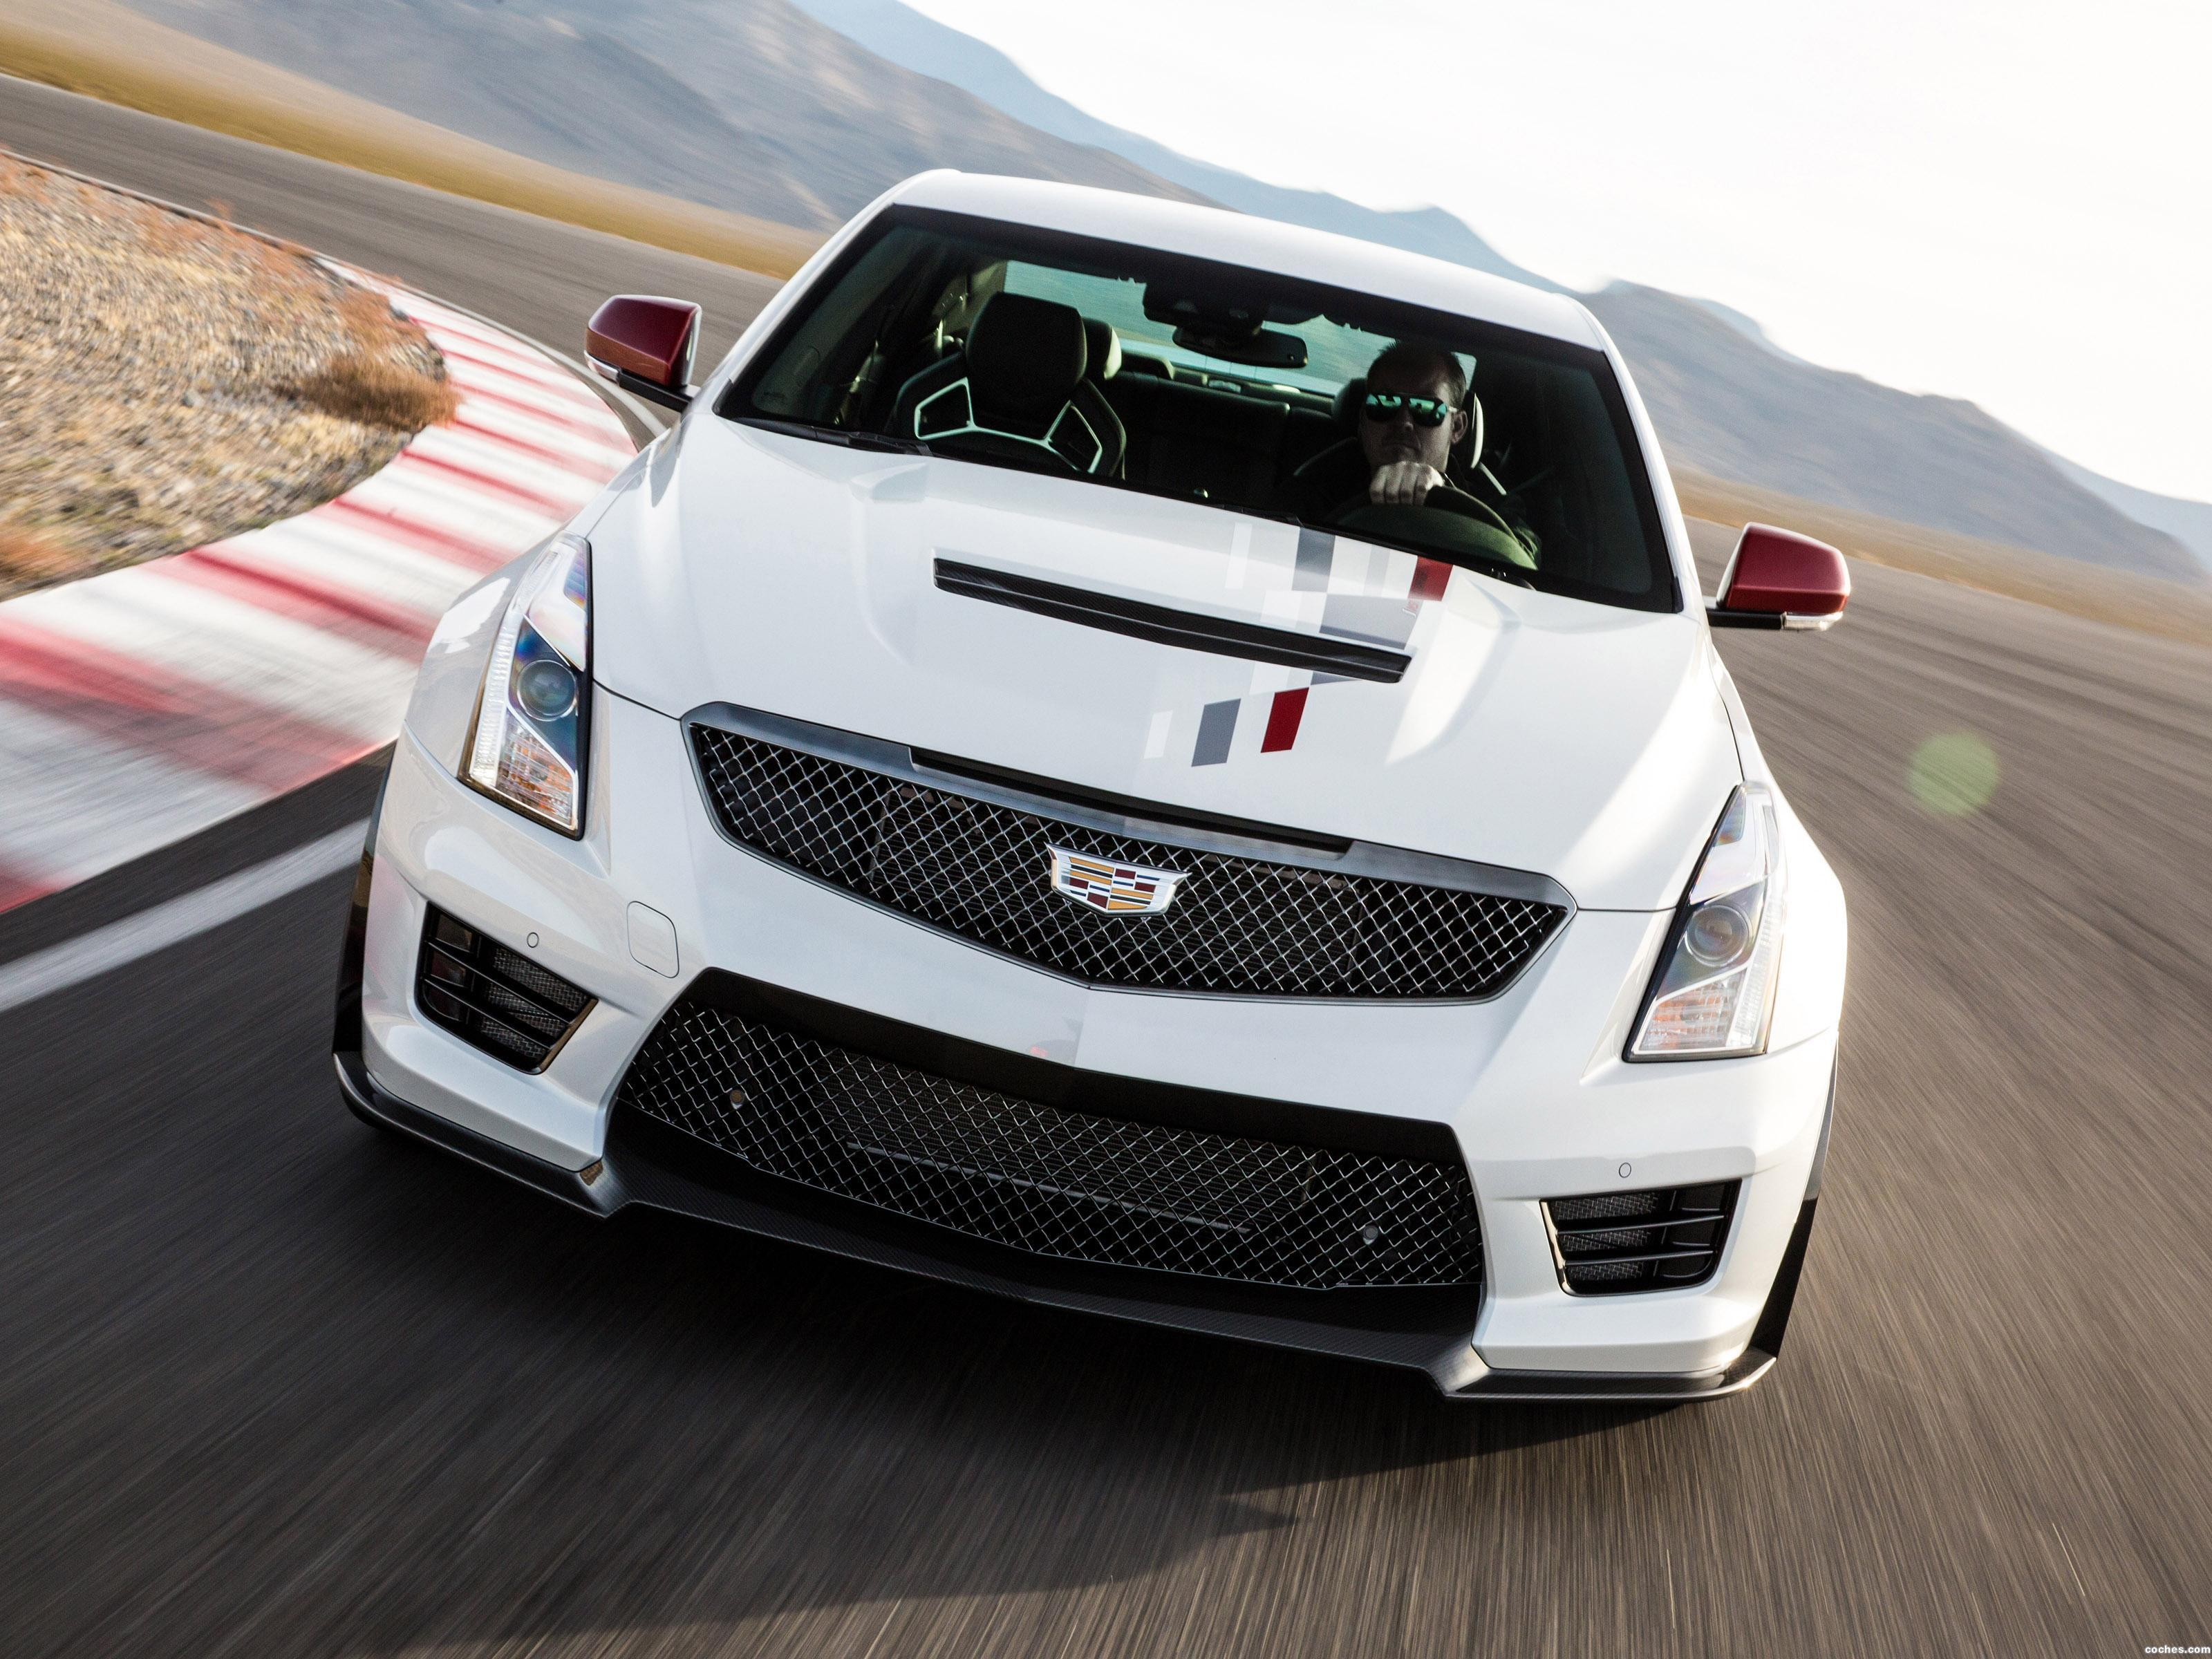 Foto 1 de Cadillac ATS-V Championship Edition 2018